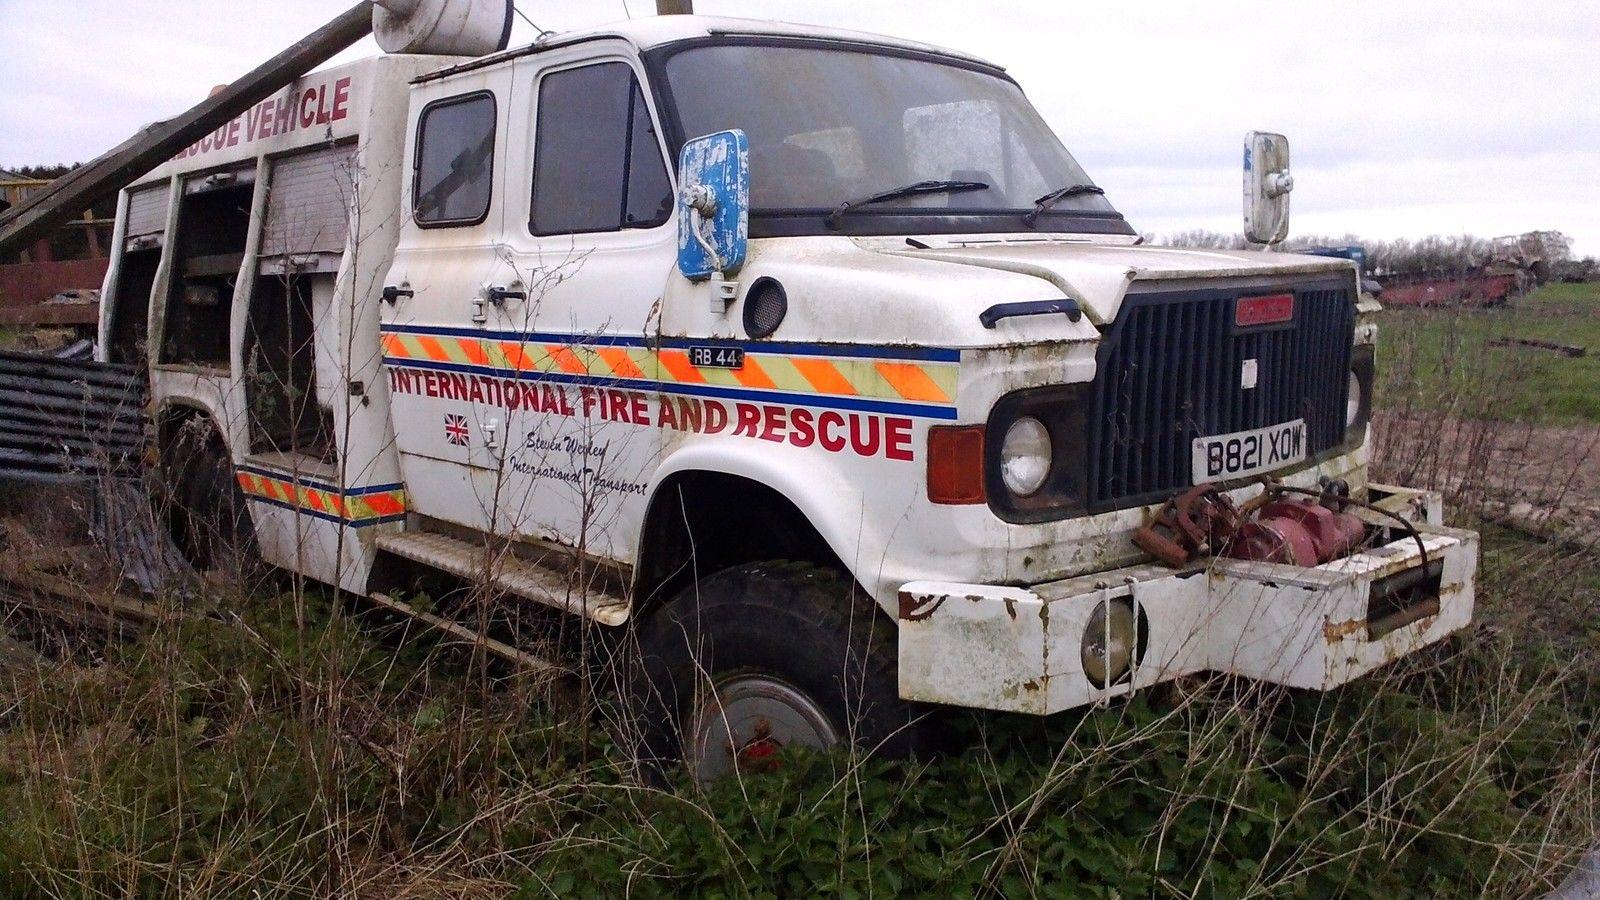 rescuetruck.jpg